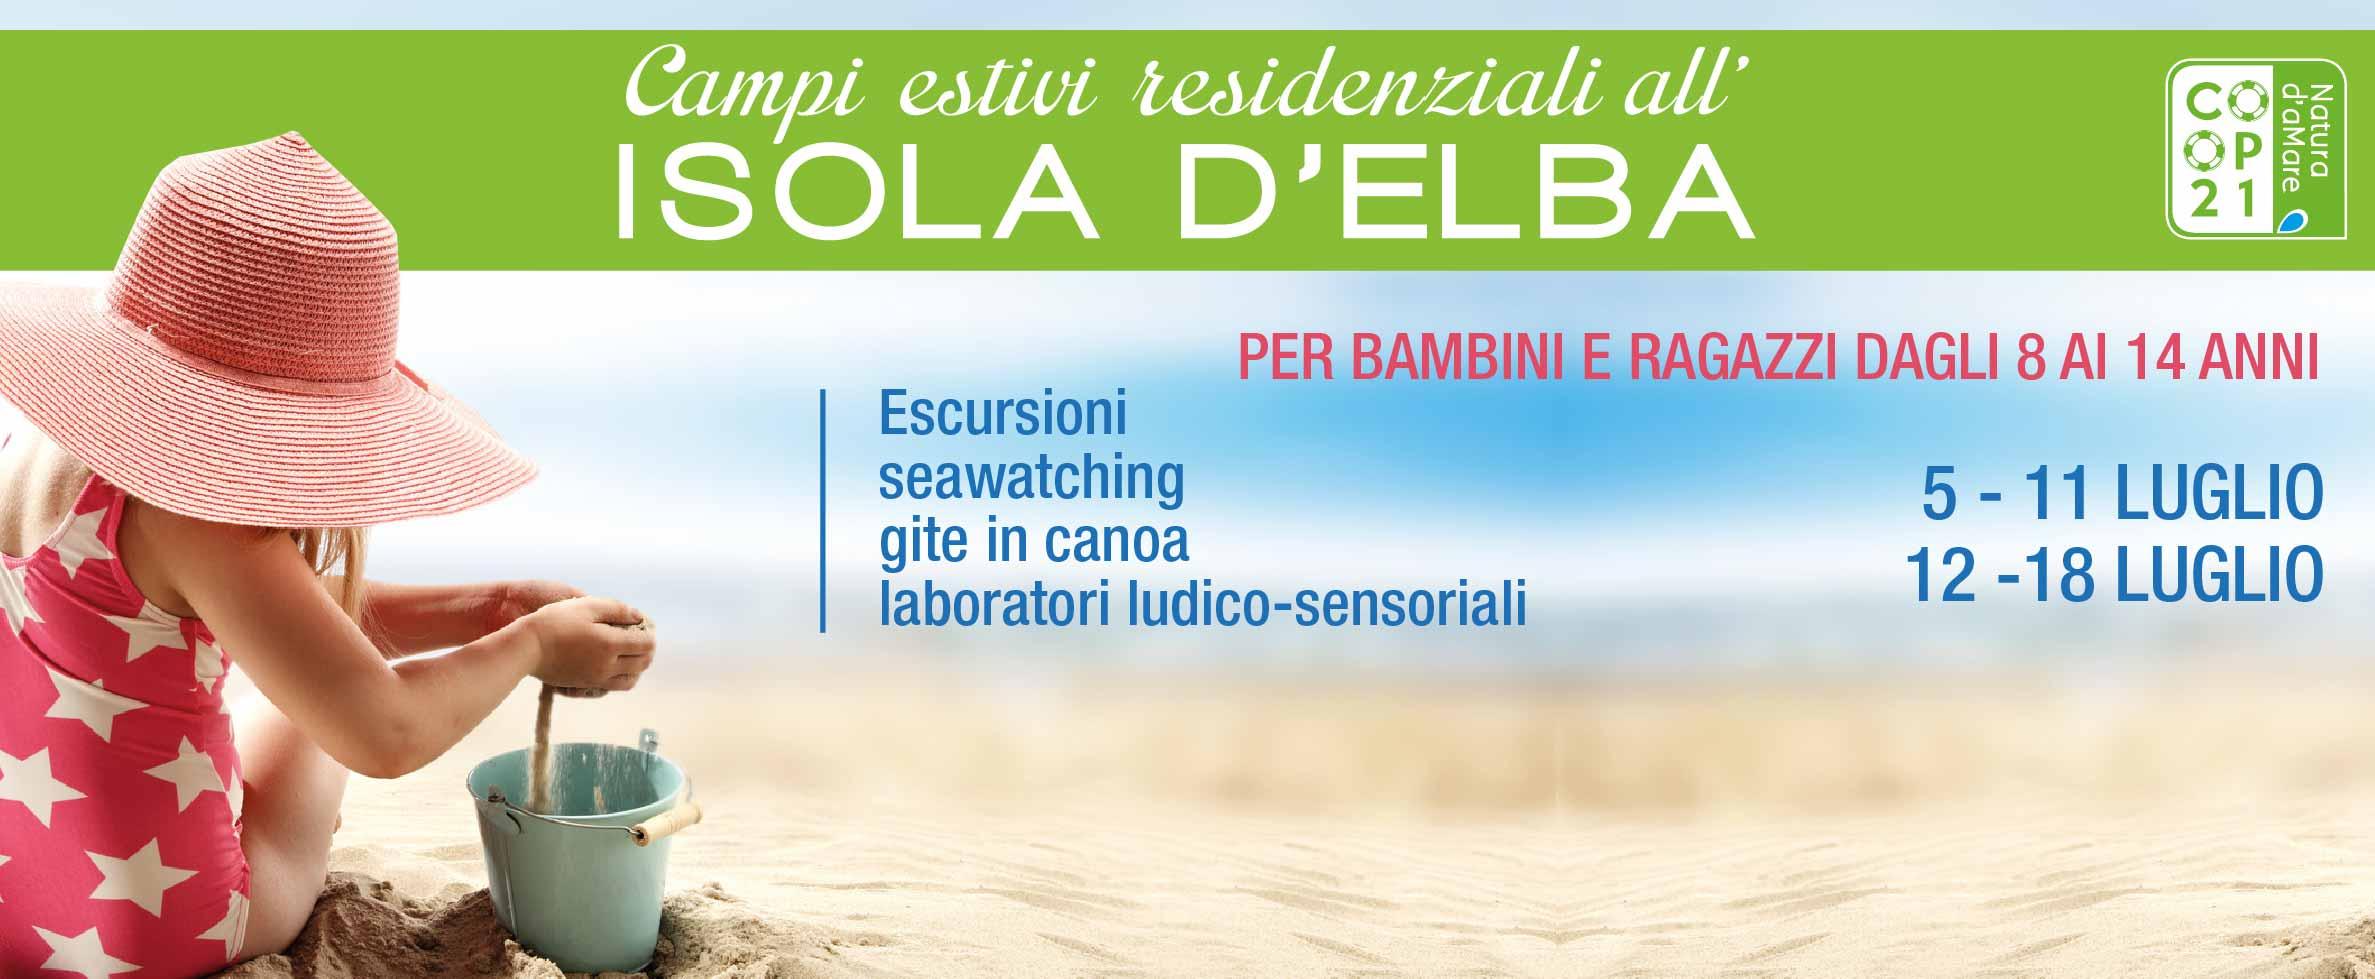 Centri estivi residenziali per bambini all'Elba – Bimbi al mare con Coop 21